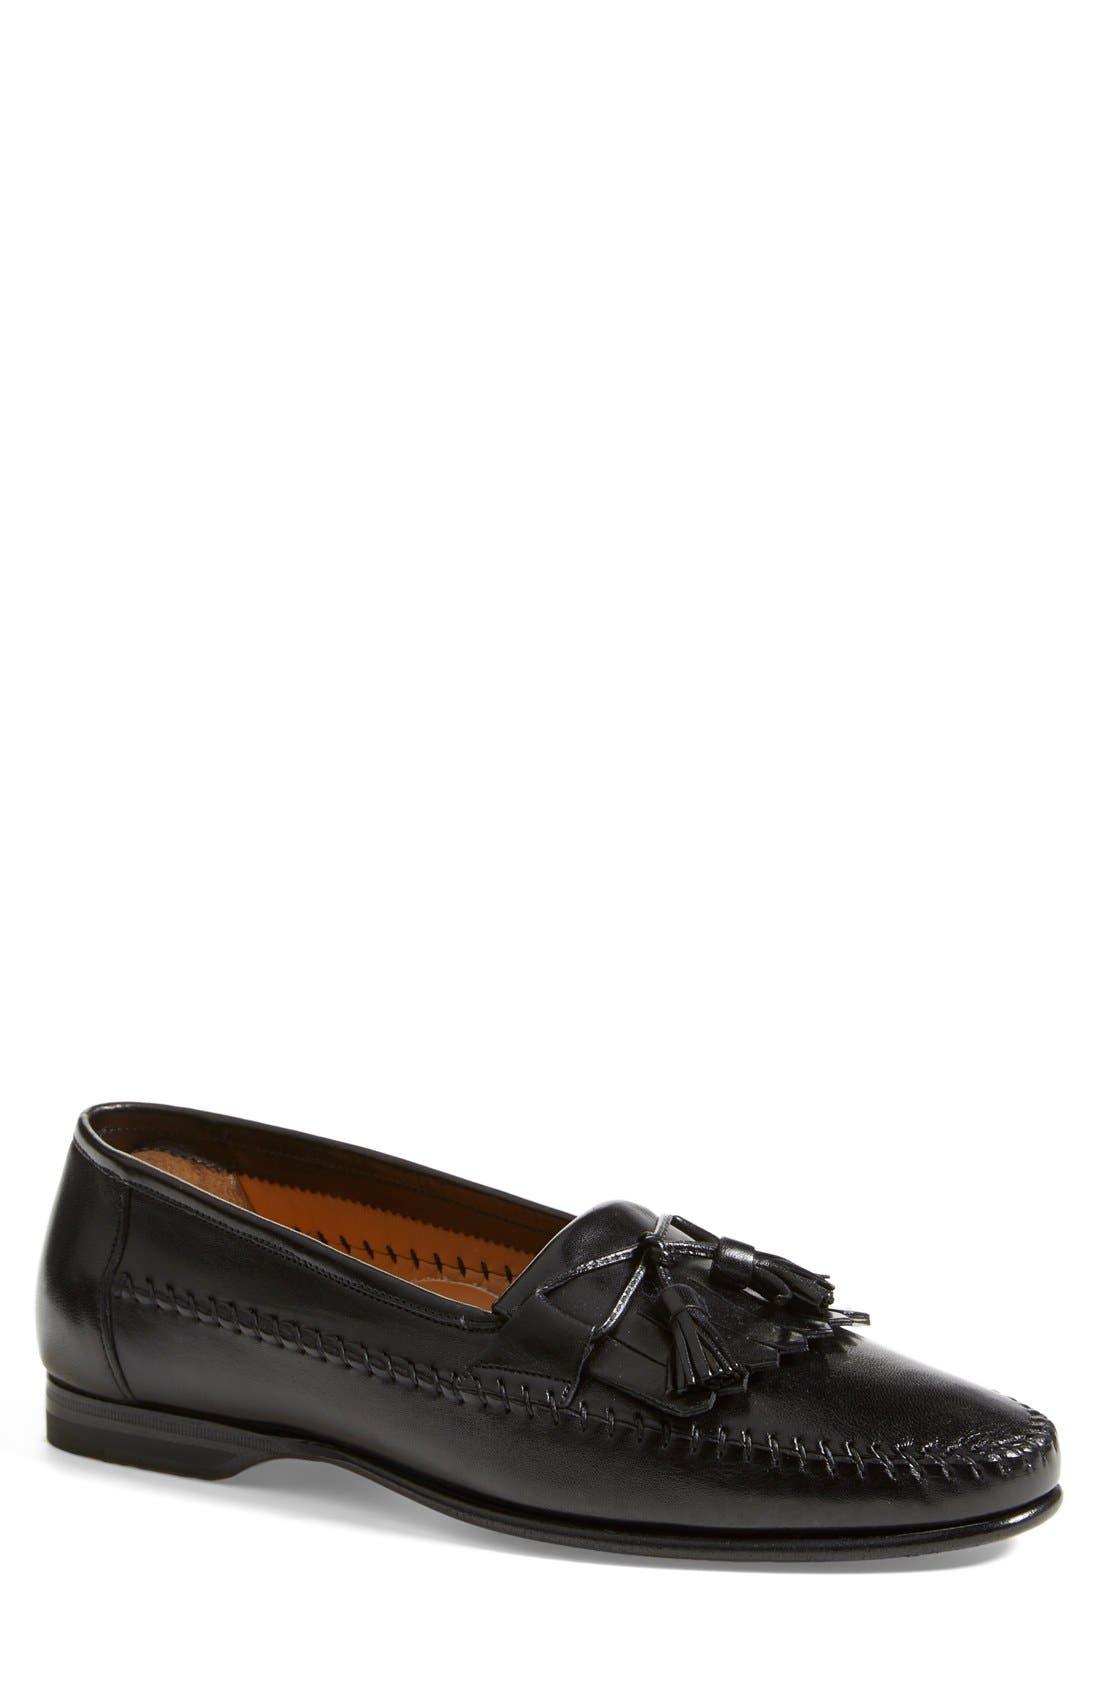 'Forester' Kiltie Tassel Loafer,                         Main,                         color, Black